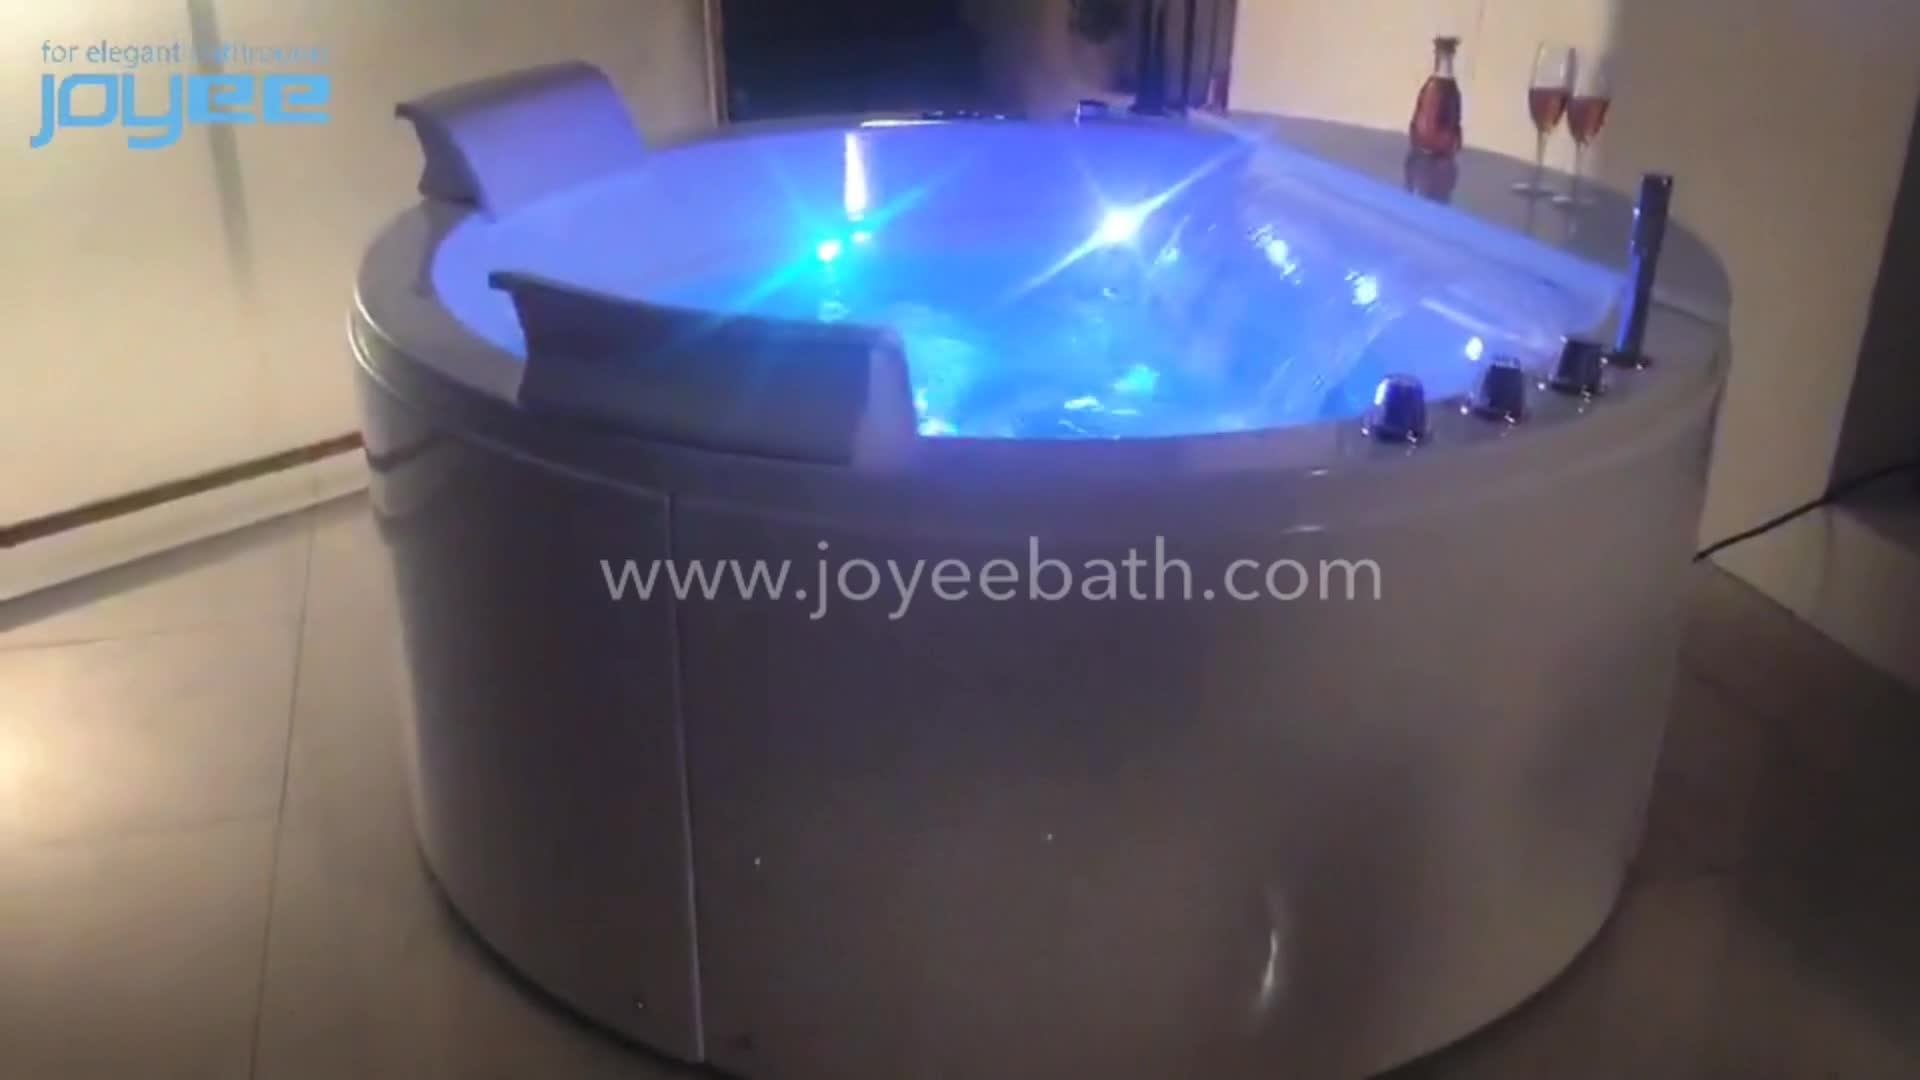 JOYEE 180 mini spa bain à remous portable massage baignoire intérieure avec jacuzzi prix en egypte équipement intégré pour deux les gens